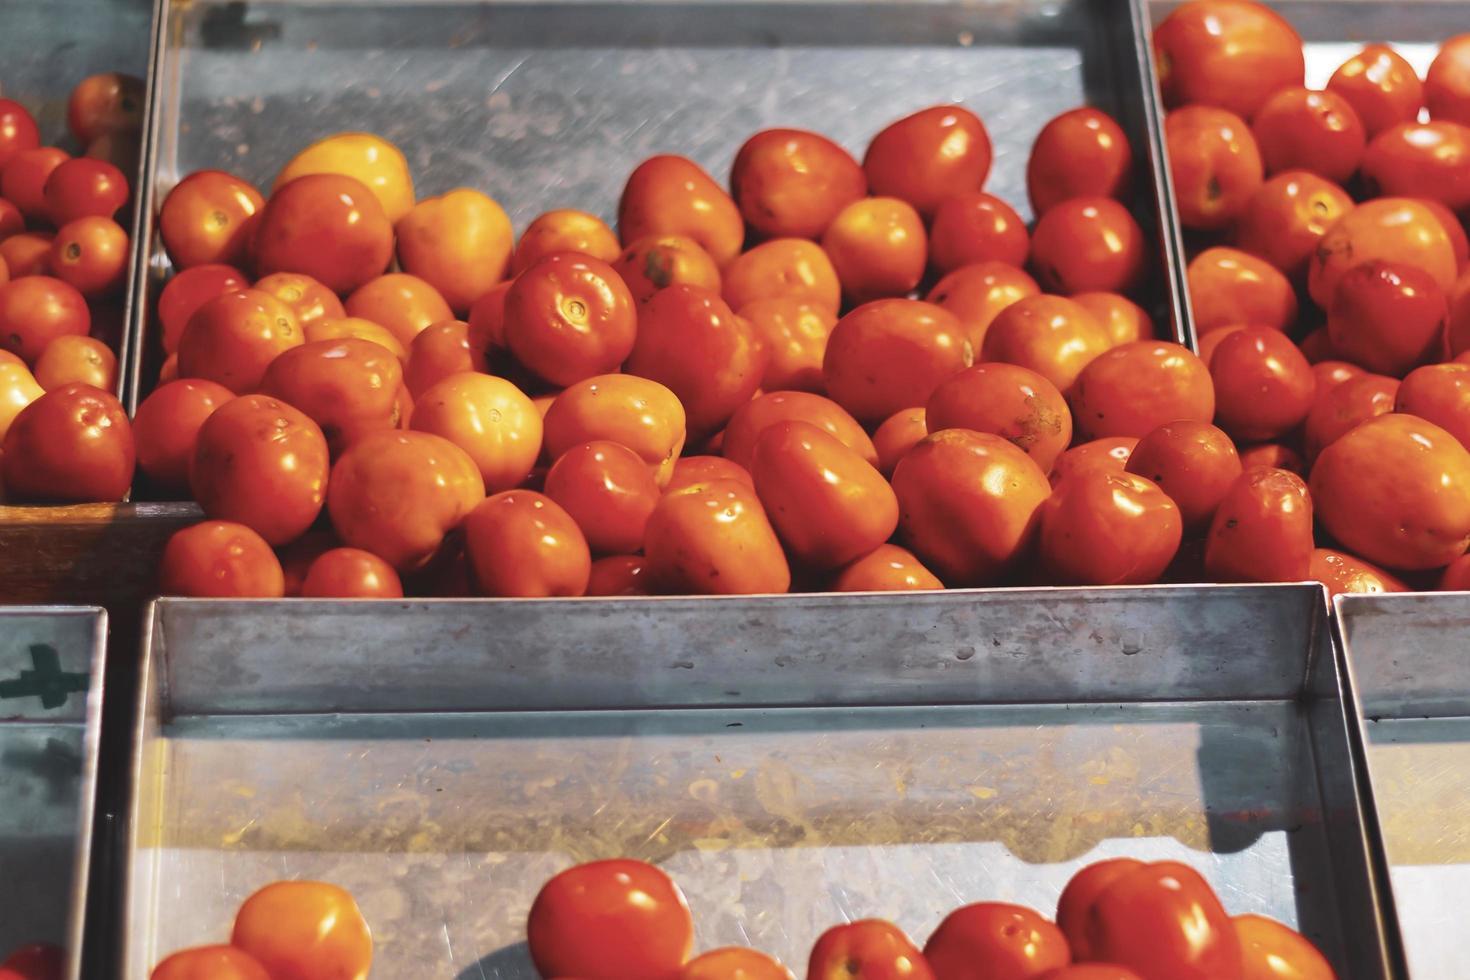 tomates rouges dans des boîtes métalliques photo